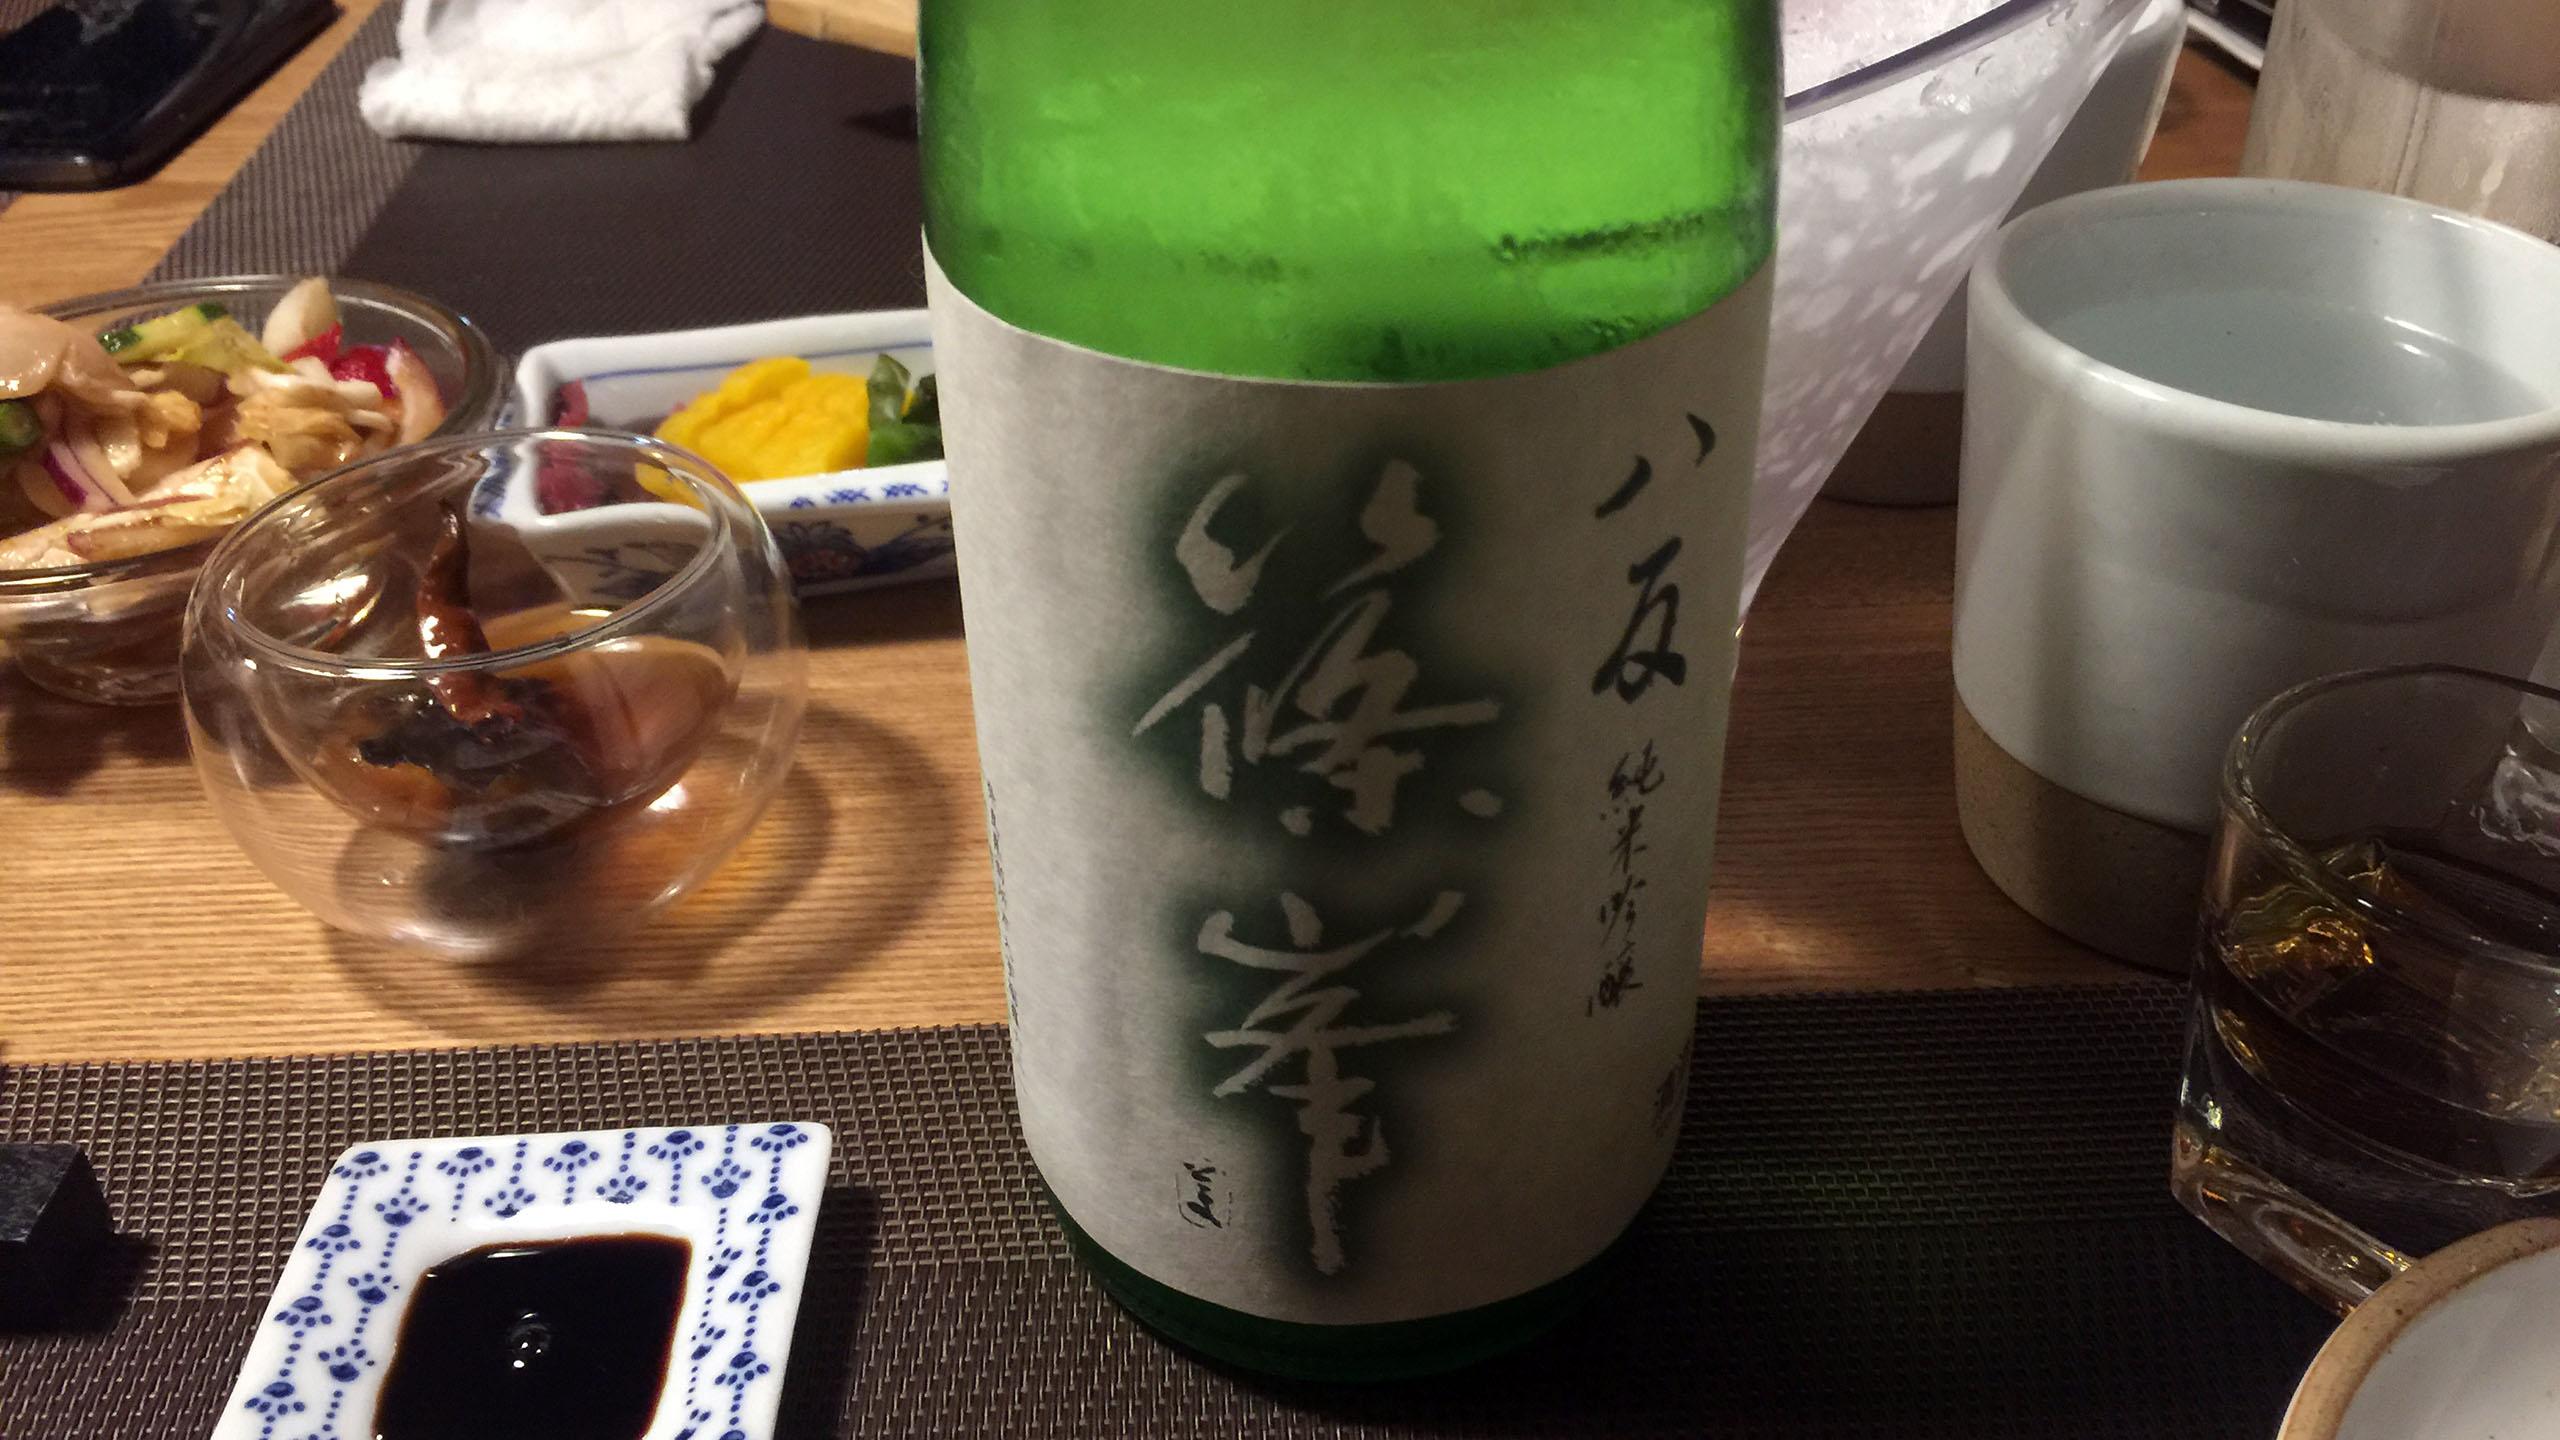 시노미네 쥰마이긴죠 핫탄 나마츠메